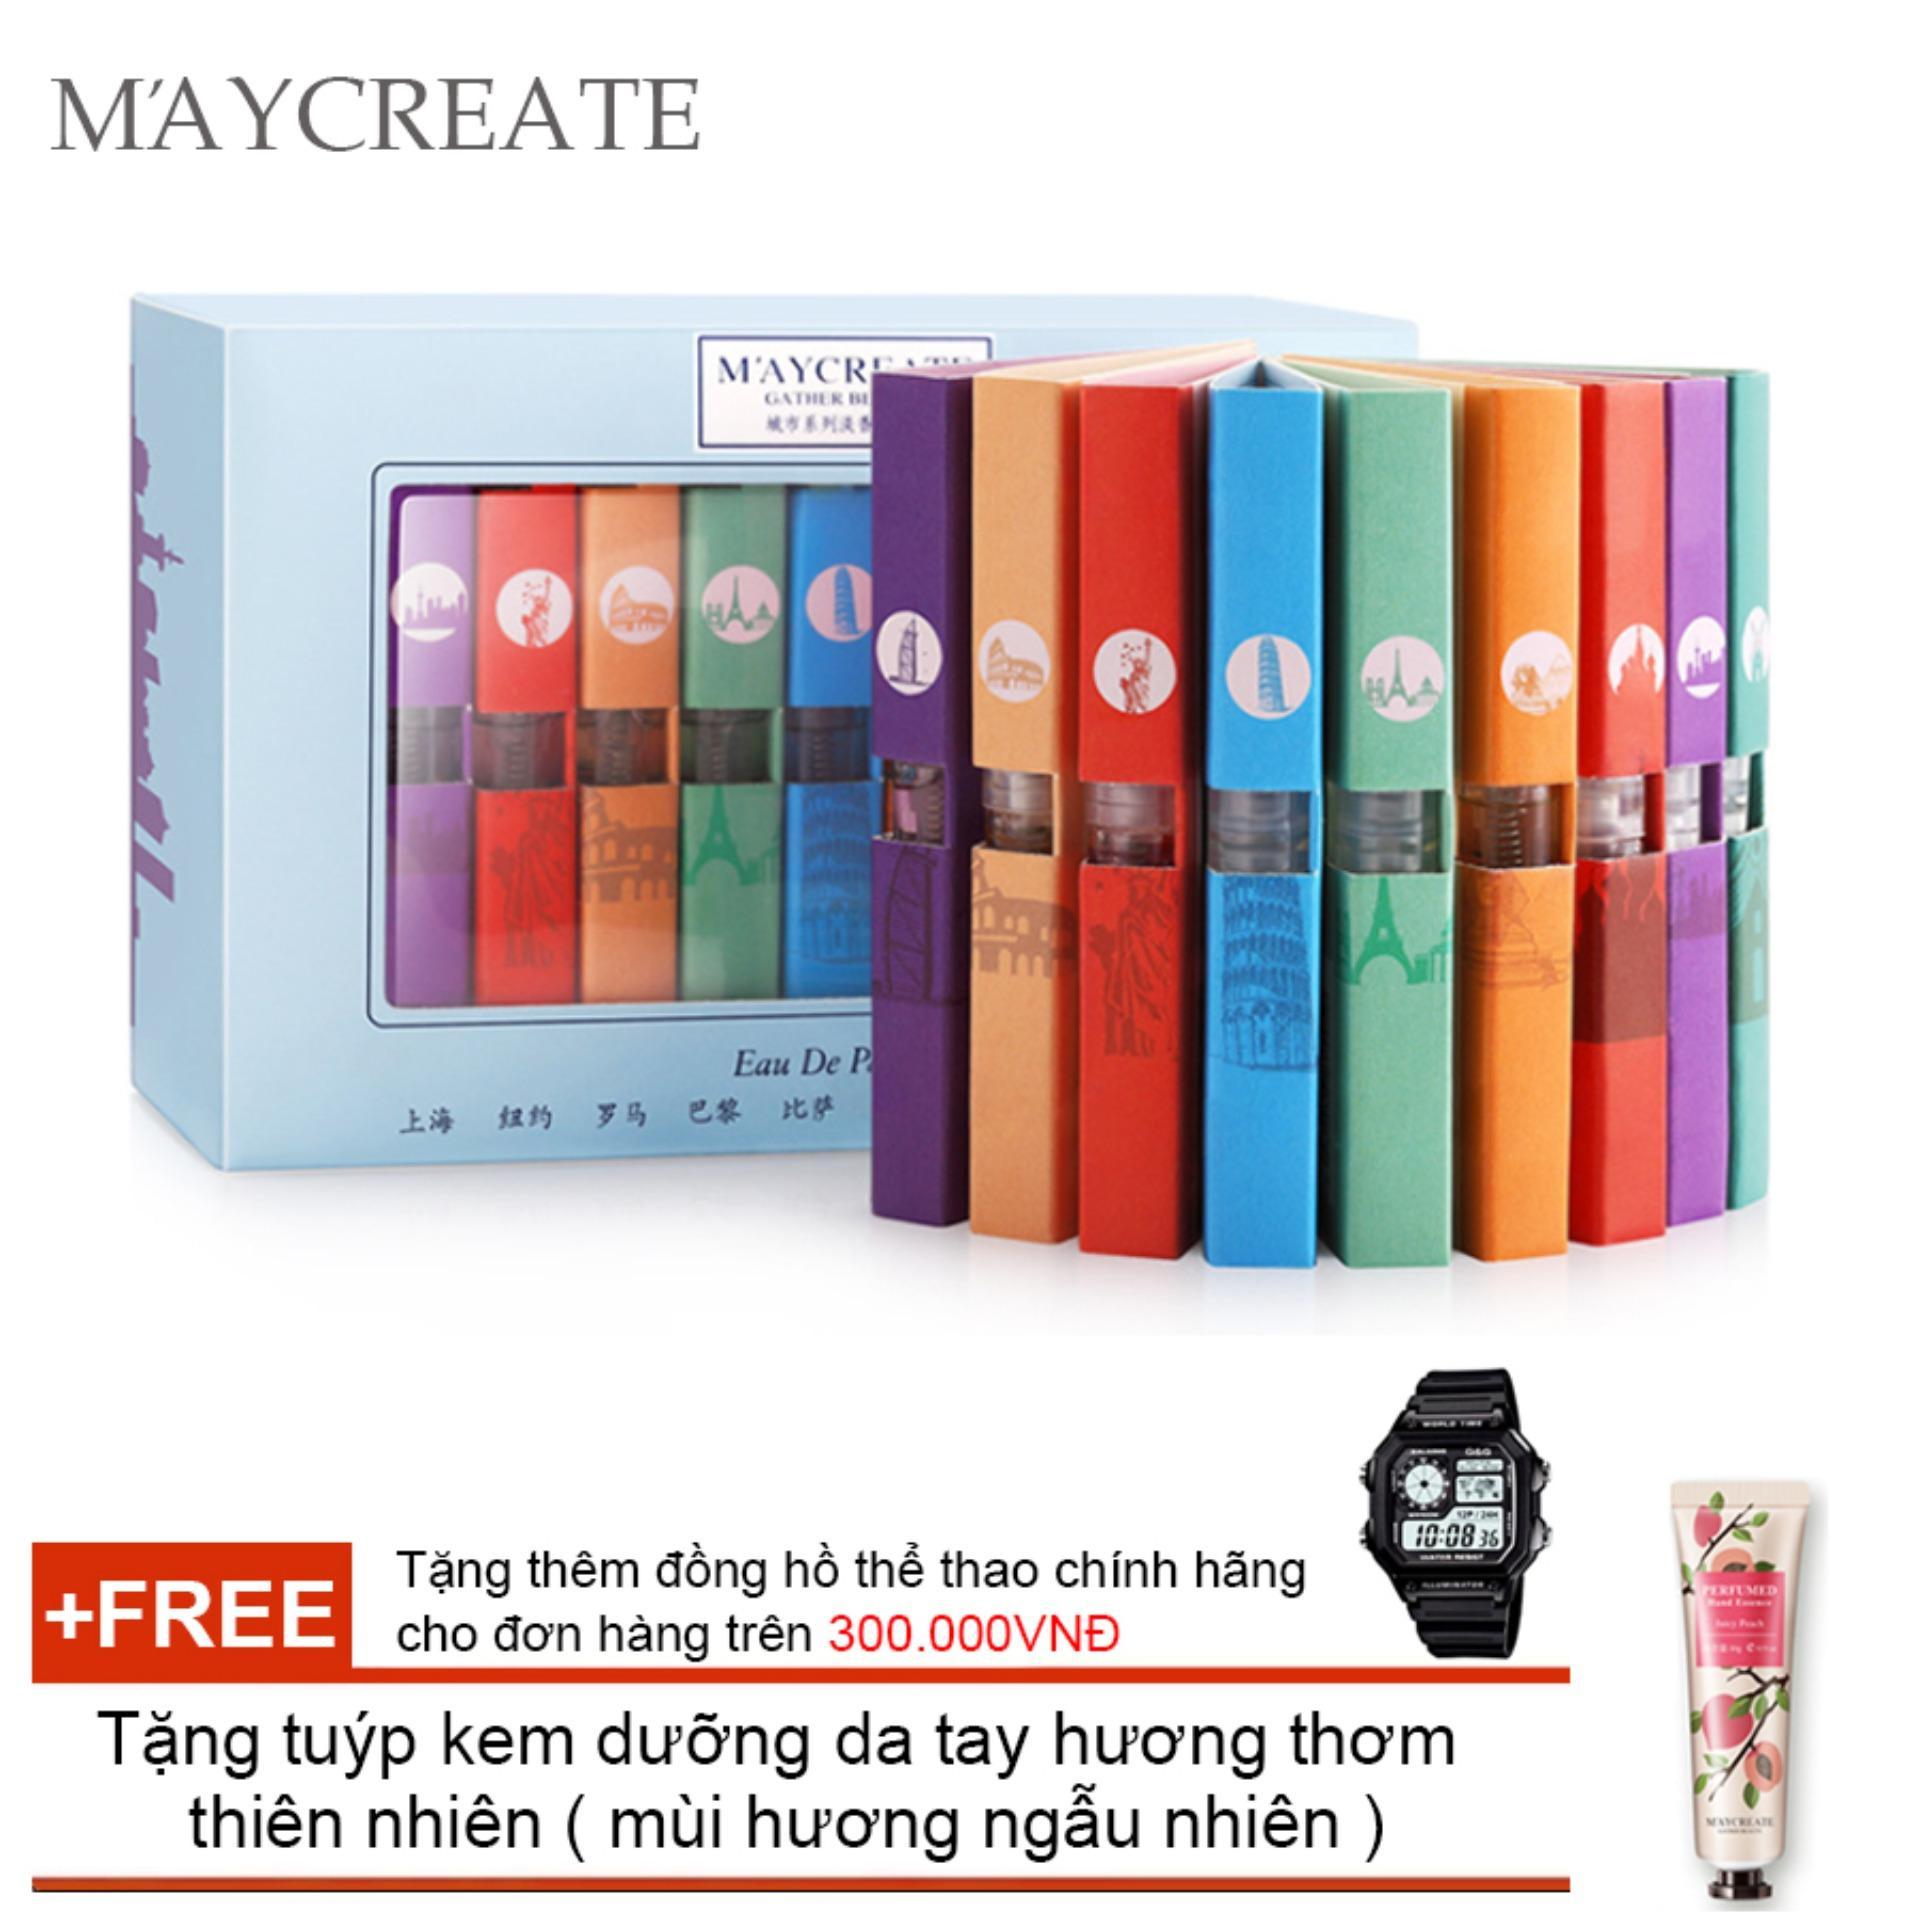 Set Nước Hoa Quà Tặng 9 Chai MayCreate - 3ml/chai + Tặng tuýp kem dưỡng da tay hương thơm thiên...